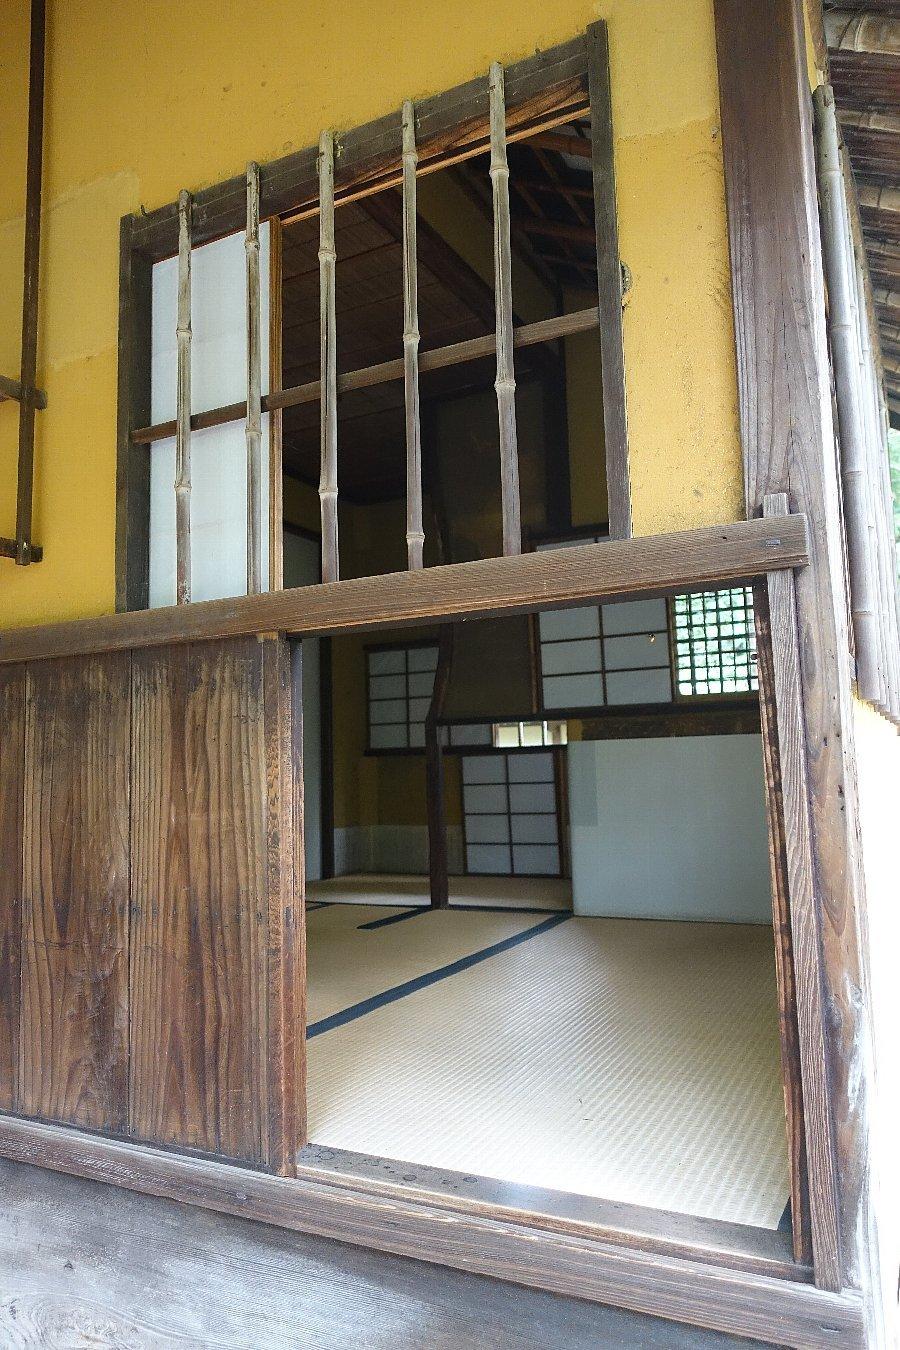 鶴ヶ城公園 茶室「麟閣」_c0112559_08421594.jpg